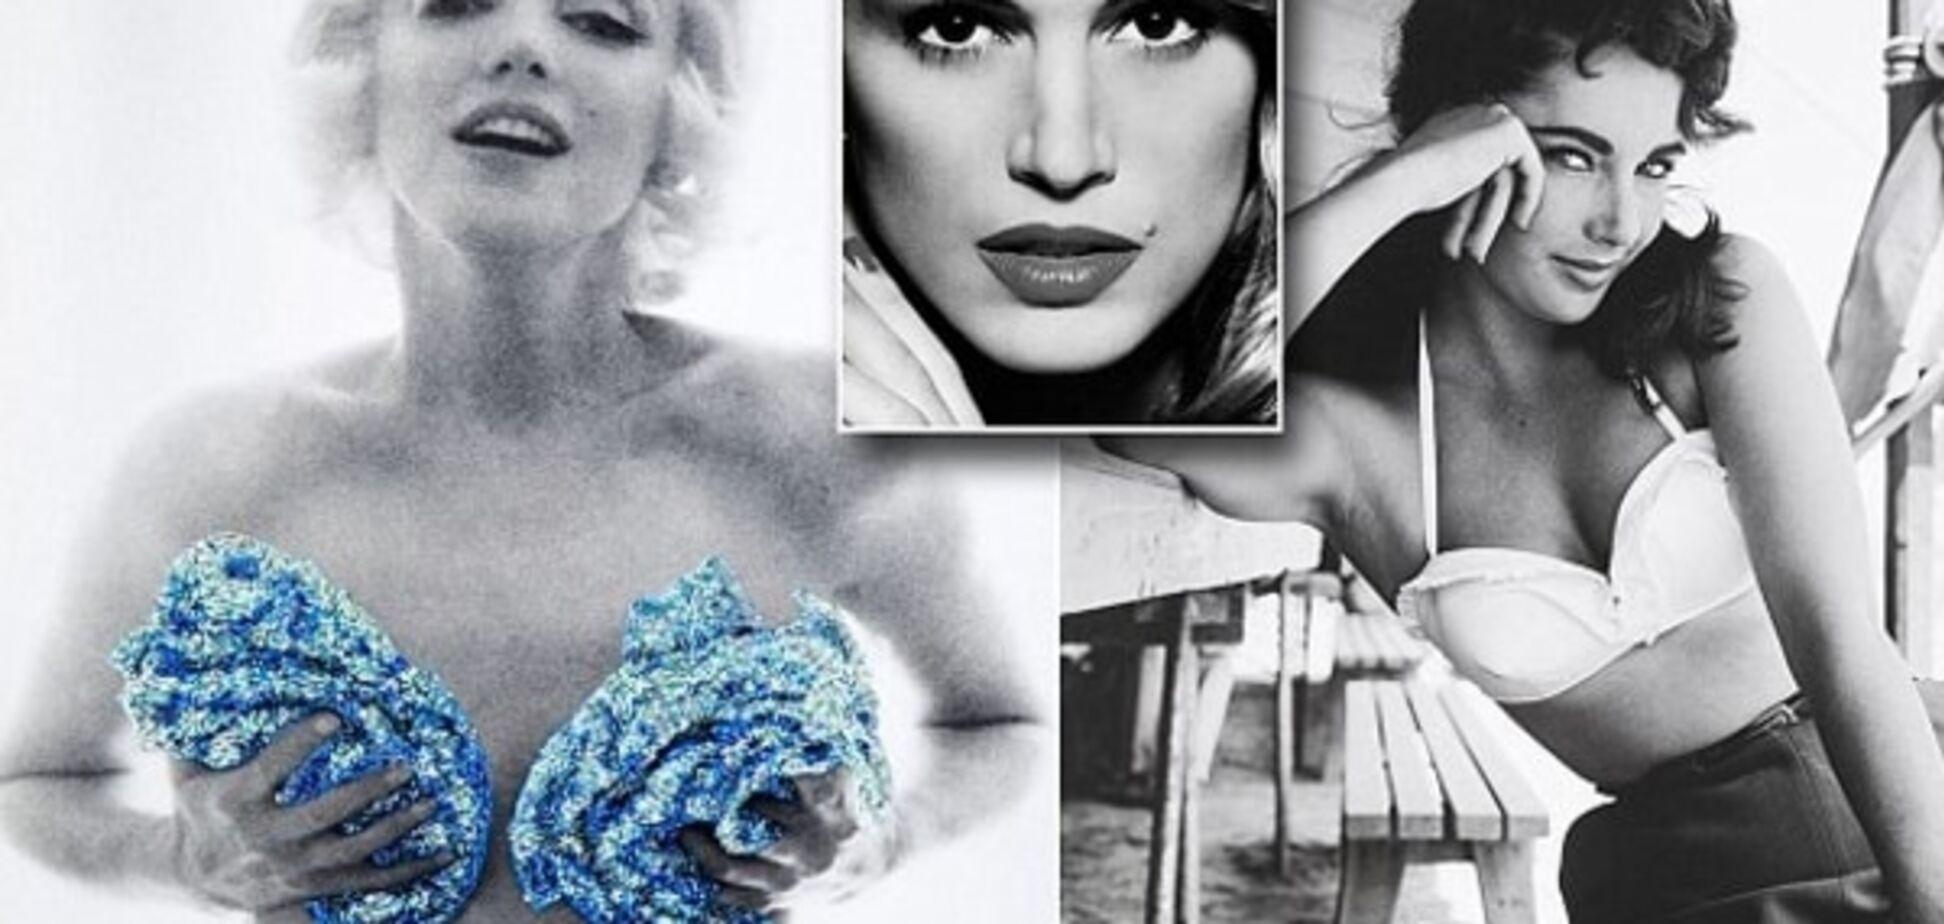 Иконы Голливуда: опубликованы редчайшие фото Мэрилин Монро, Элизабет Тейлор и других звезд